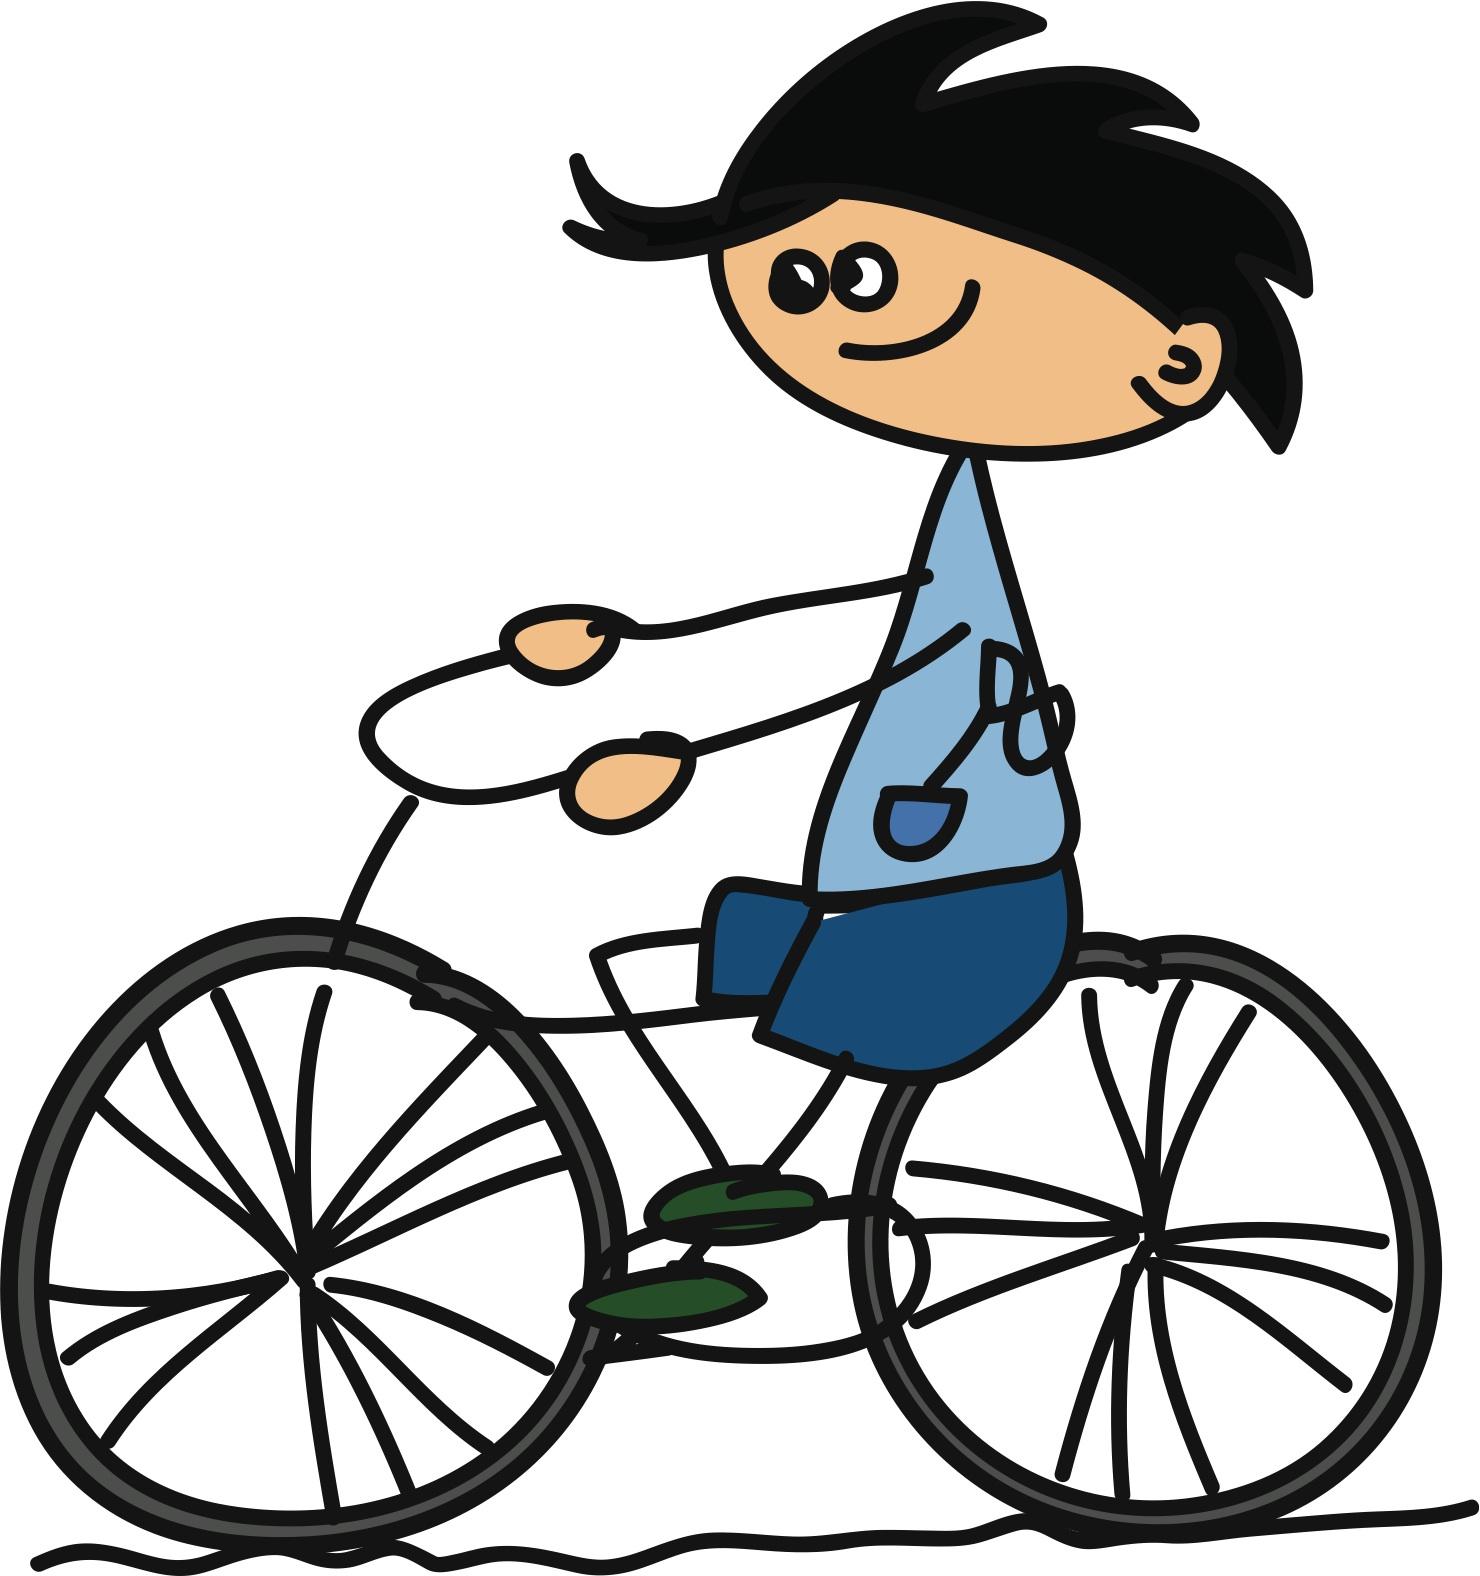 Pièces détachées : faites des économies pour votre vélo